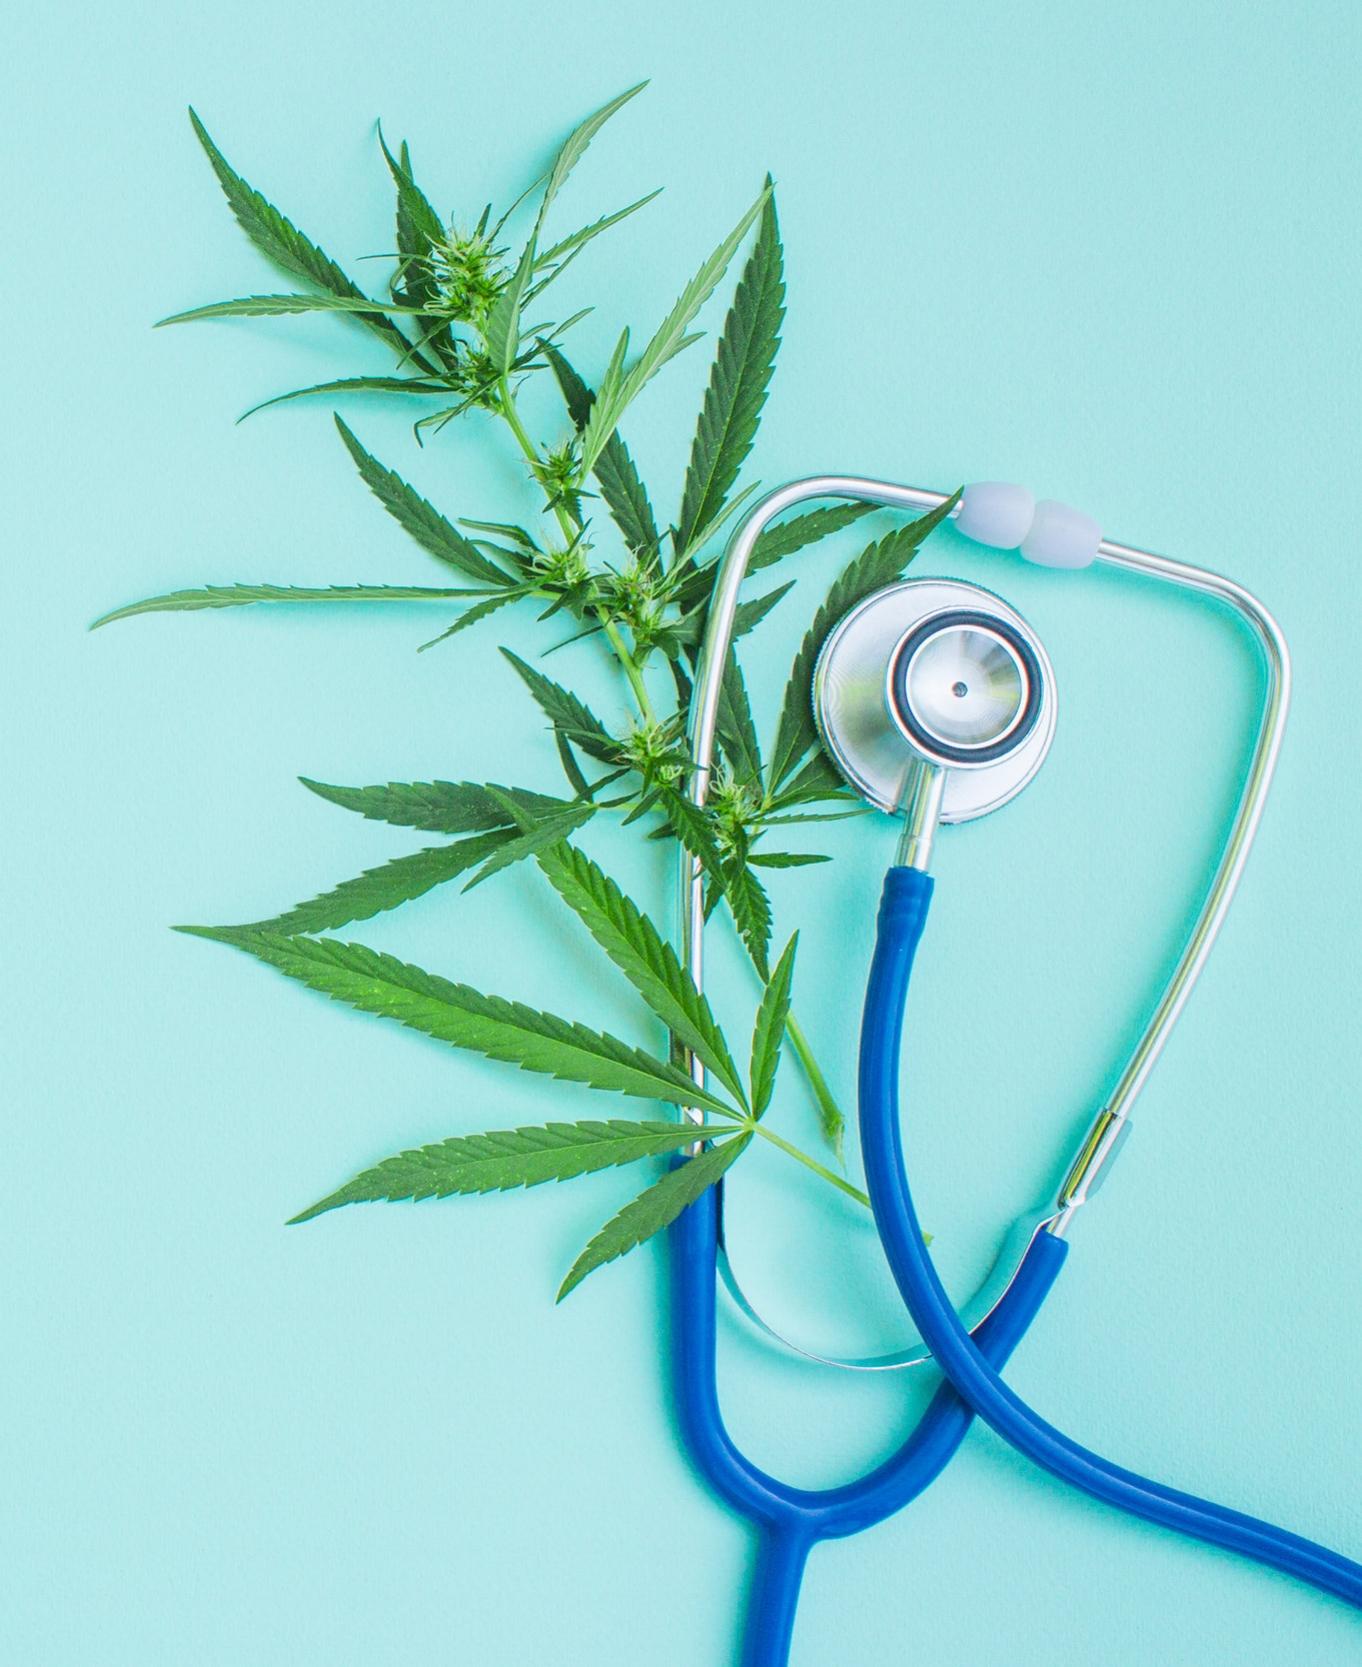 - Des études randomisées multicentriques sont, là encore, attendues, mais des réponses aux questions posées sur l'usage du cannabis commencent à recevoir des réponses grâce à l'investissement de certains centres.